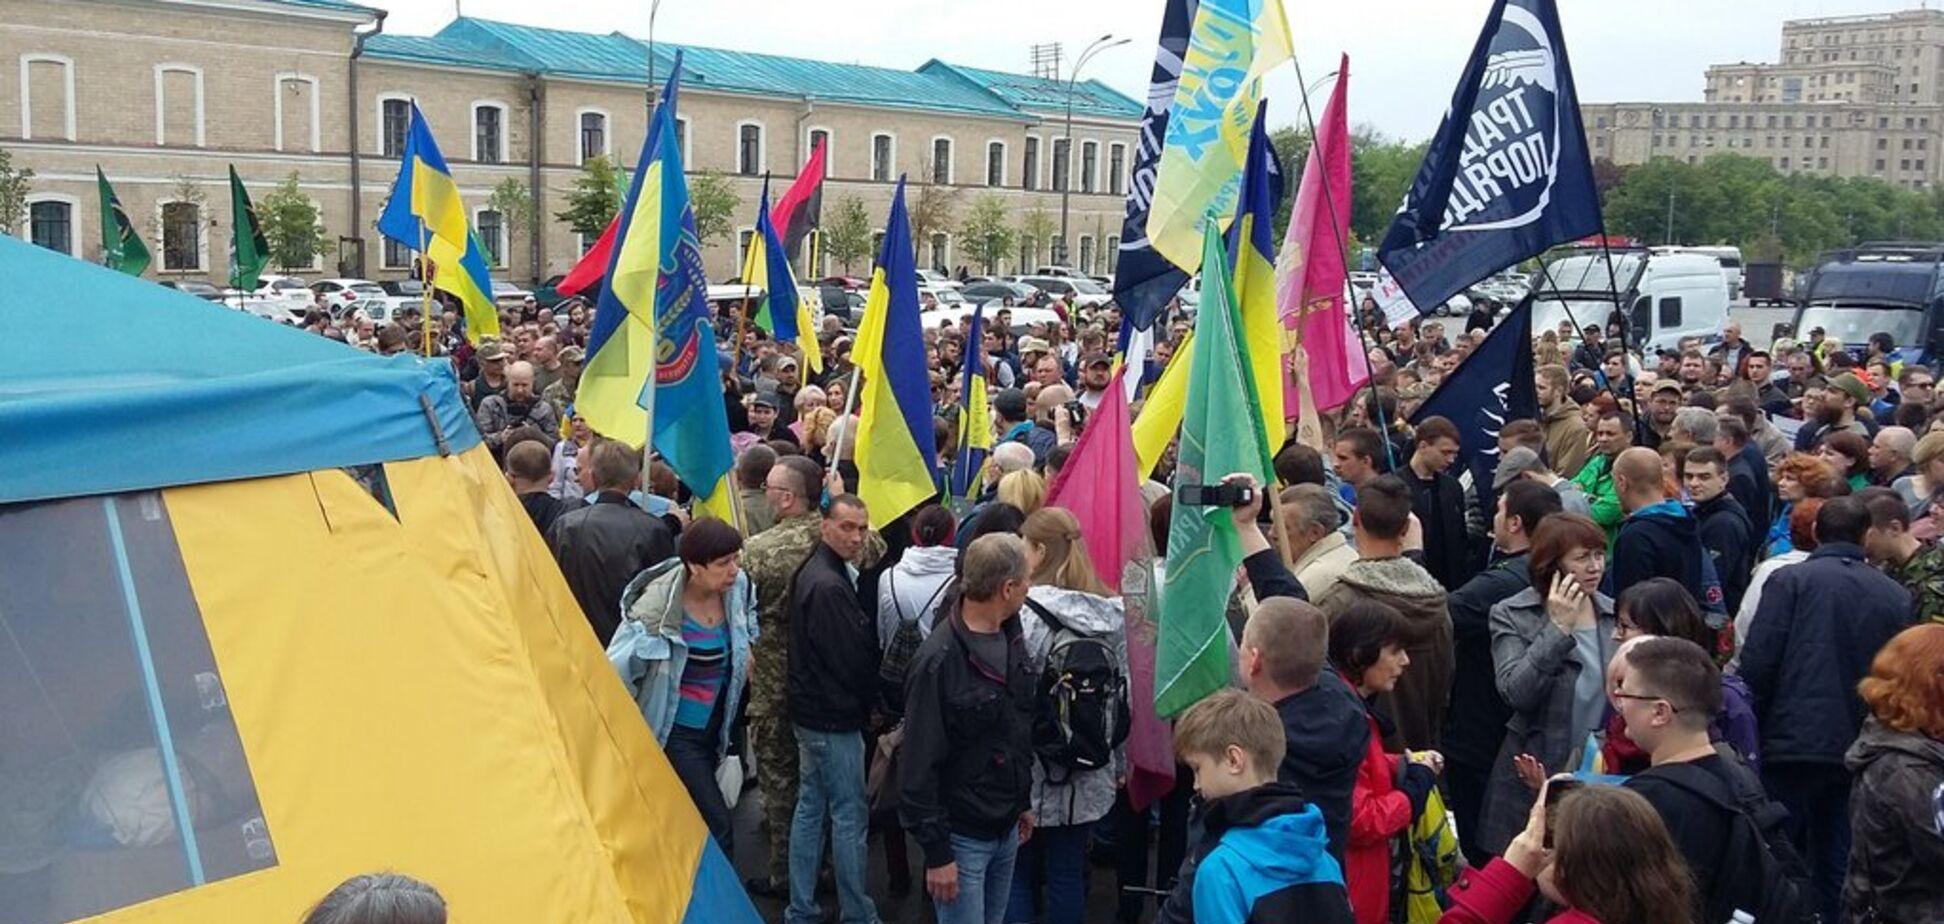 Скандал с волонтерской палаткой в Харькове: в полиции приняли решение